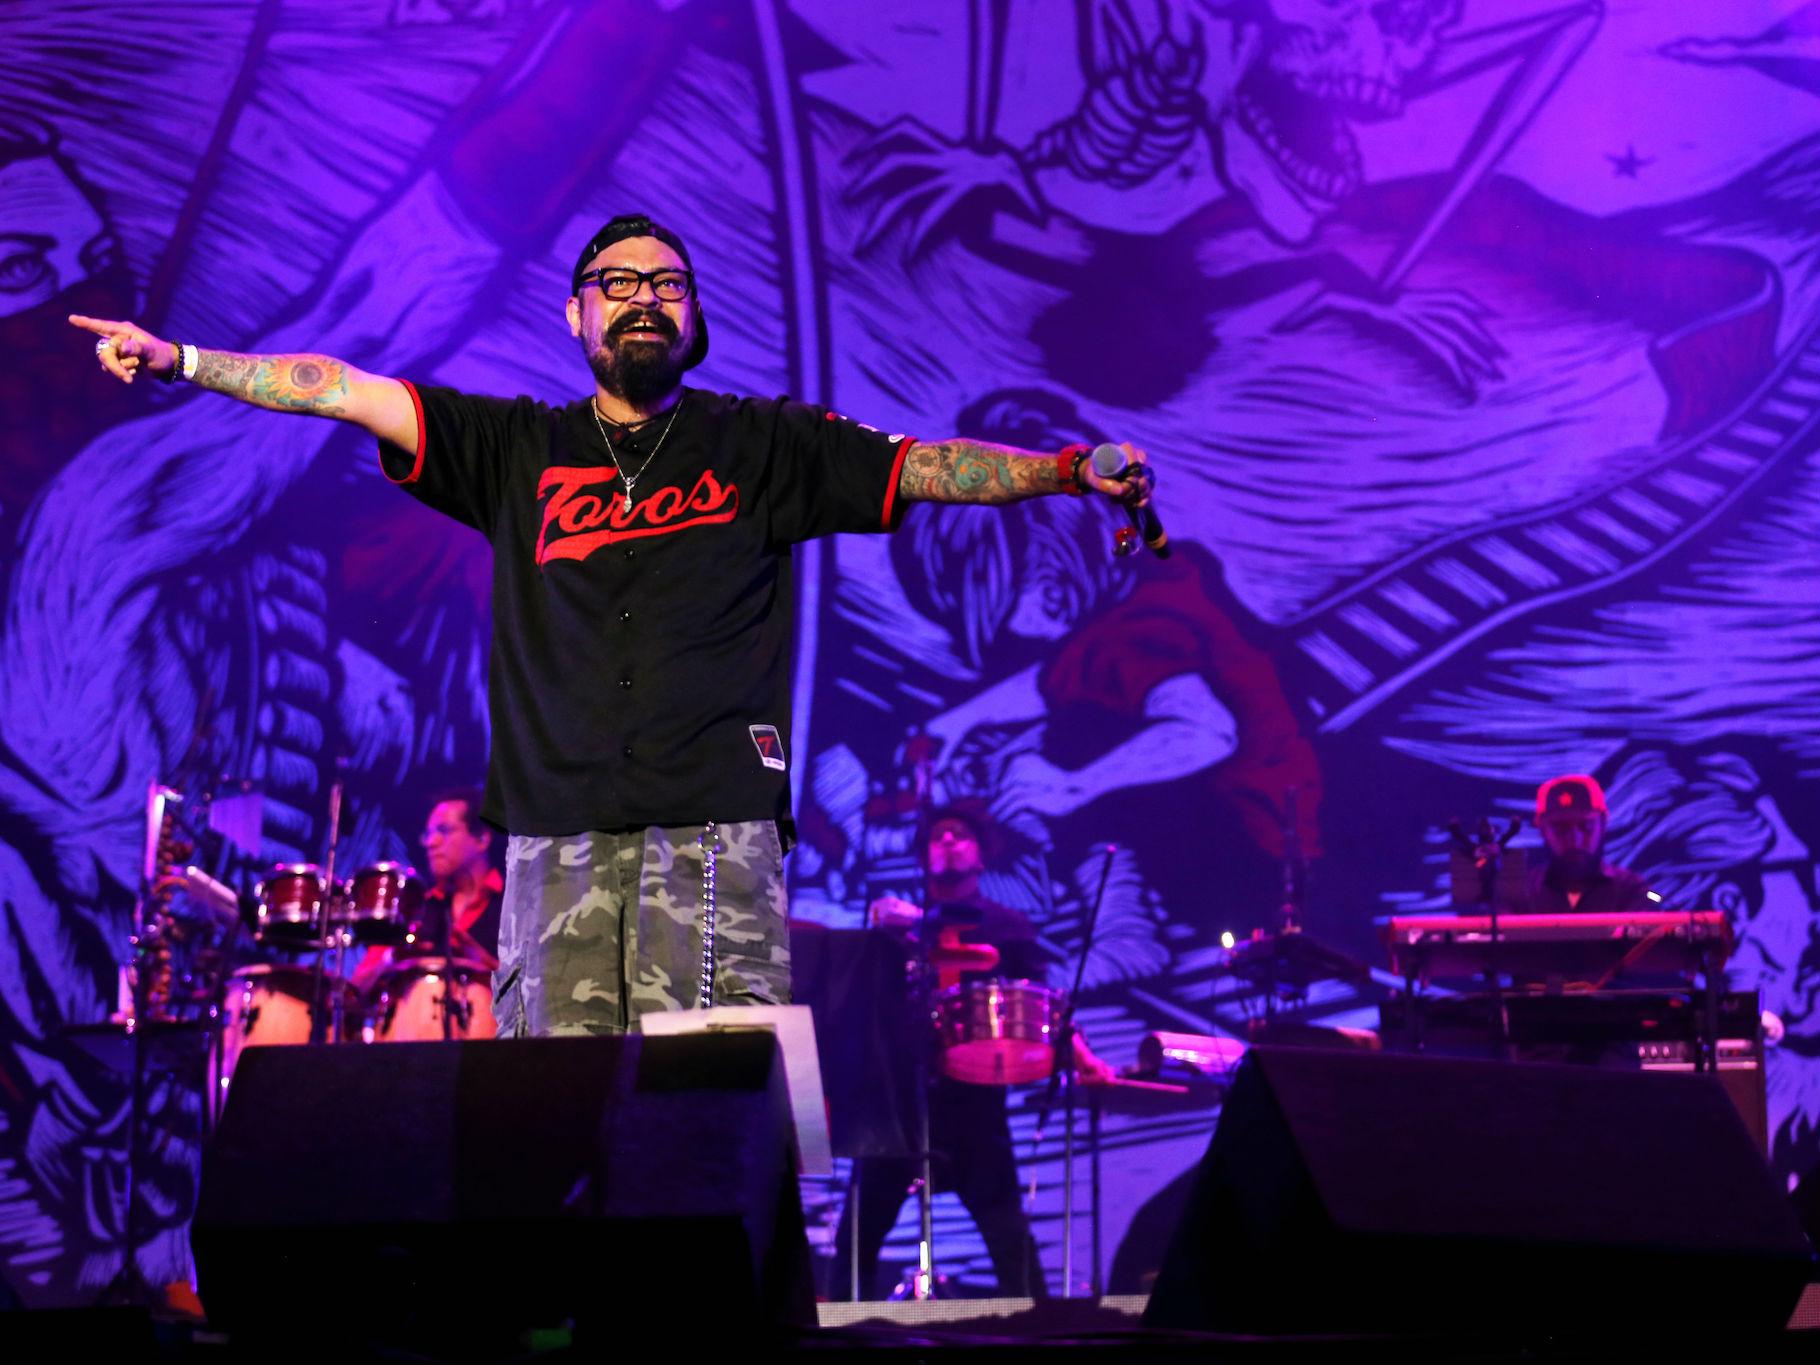 Panteón Rococo en el Vive Latino 2018